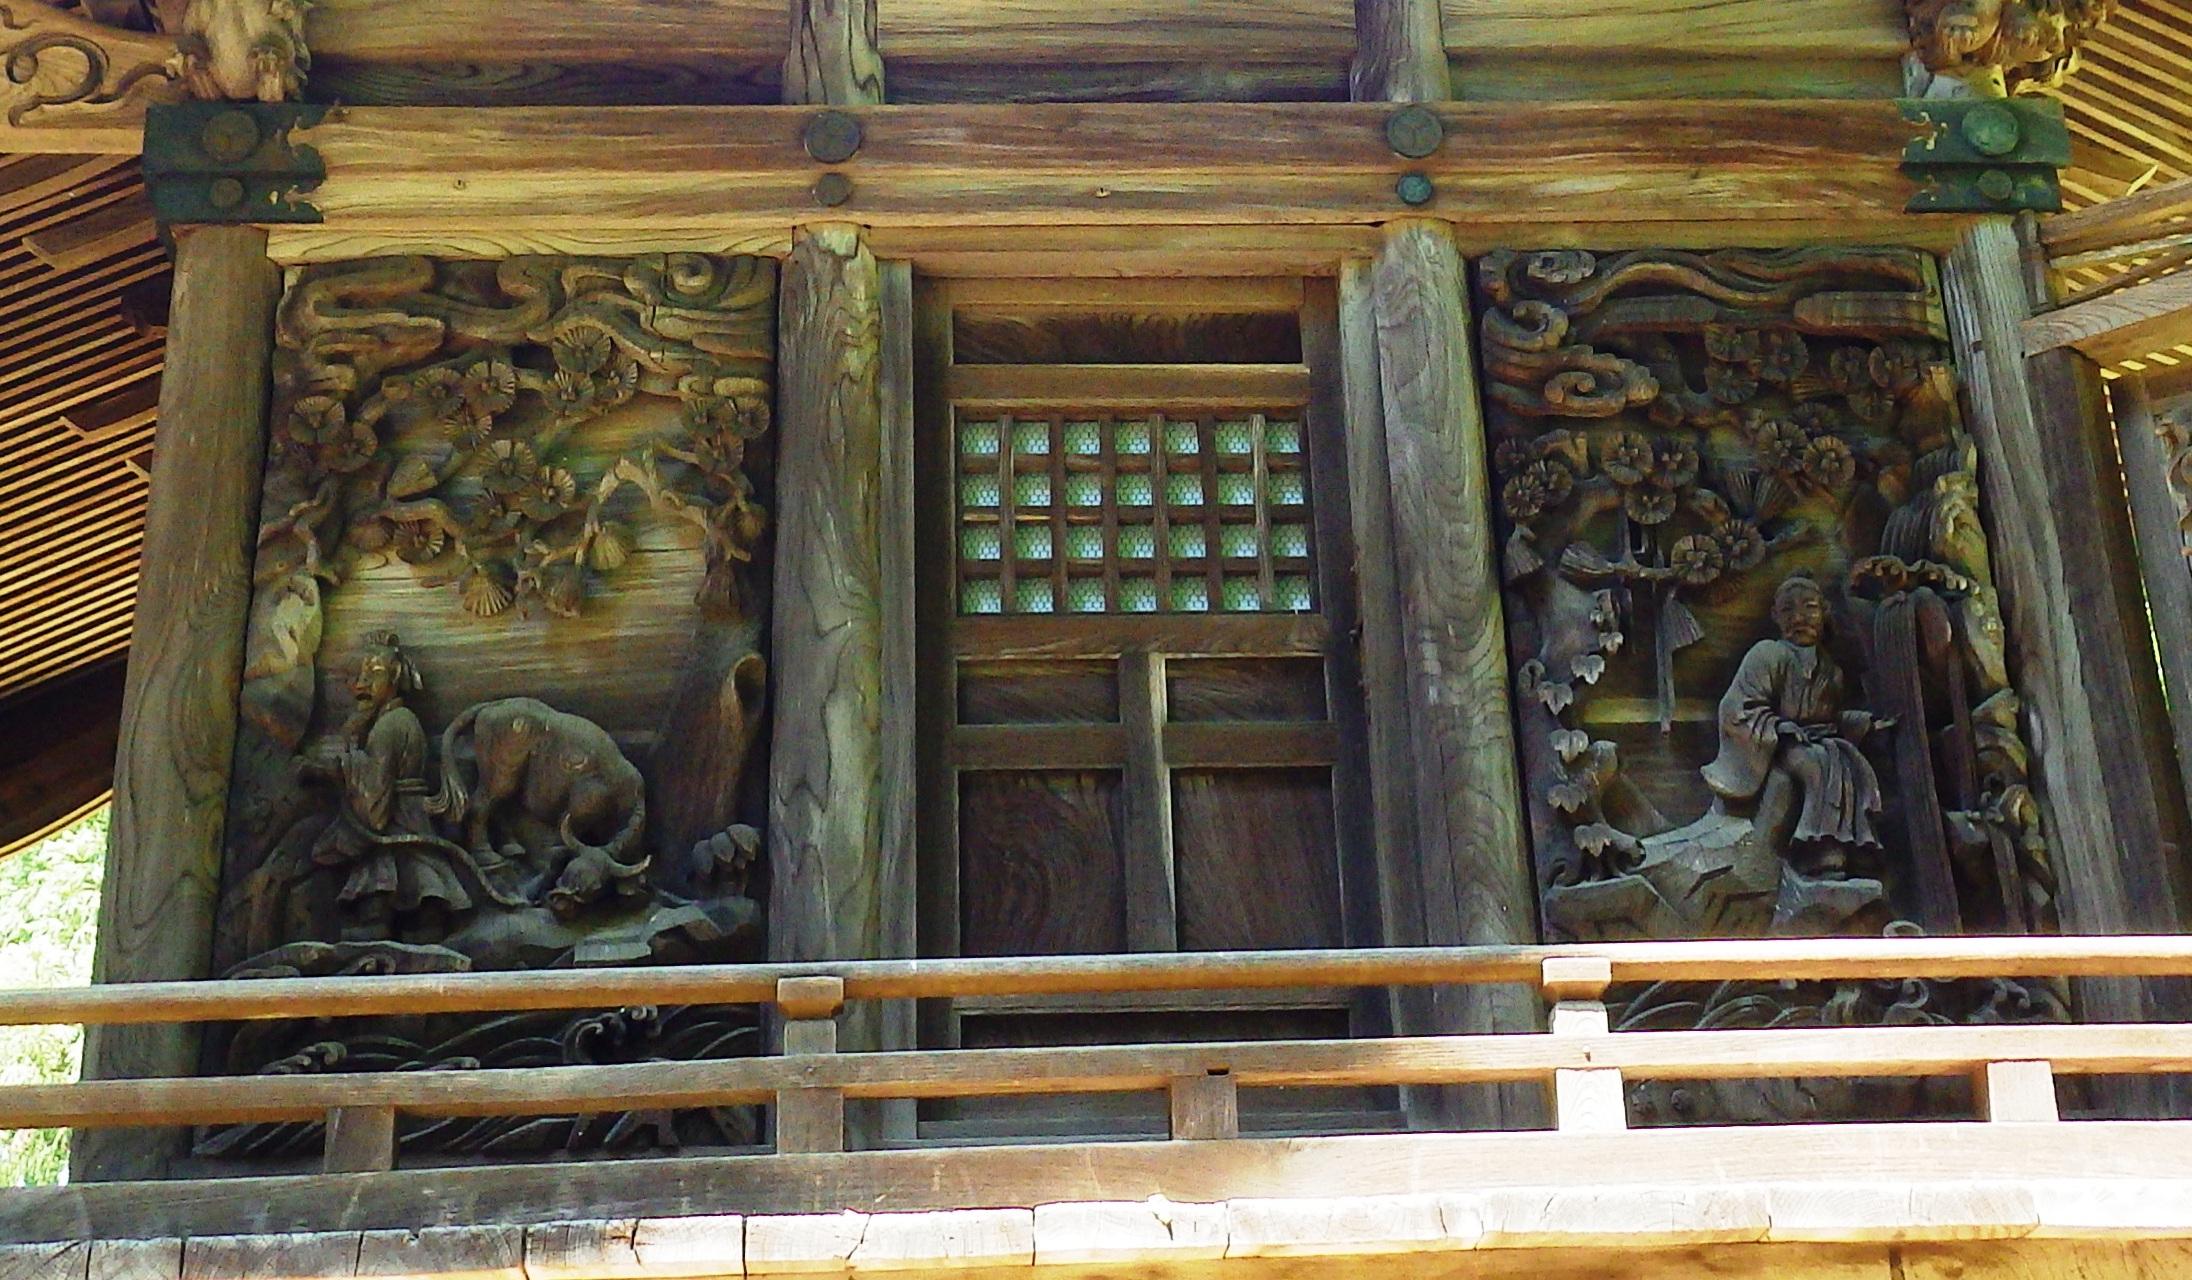 1126 壁面の彫刻